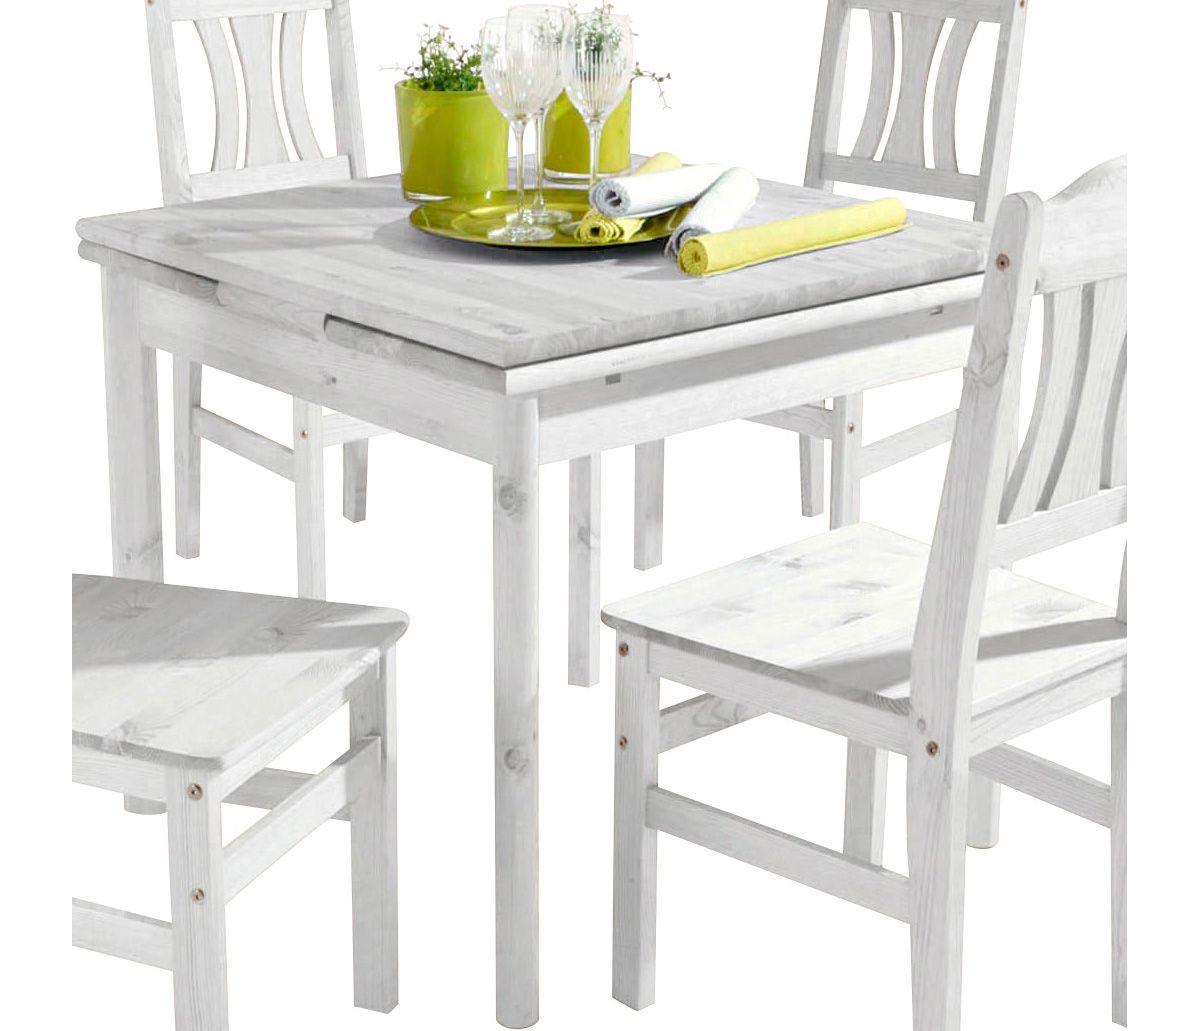 tischplatte keramik billig kaufen. Black Bedroom Furniture Sets. Home Design Ideas